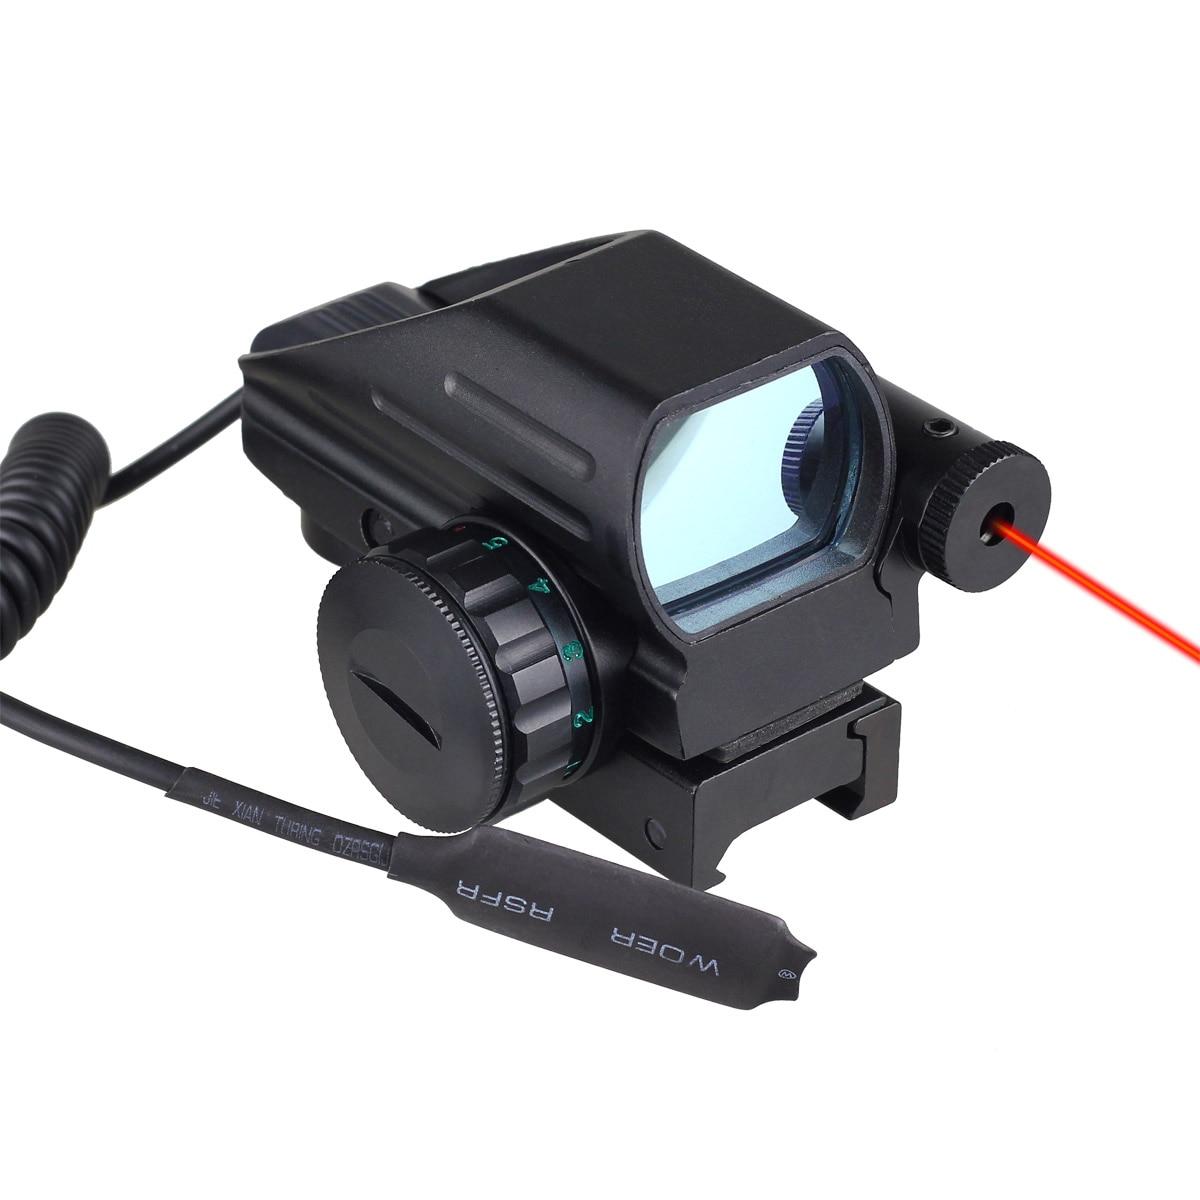 Holographique Laser Sight Portée Reflex 4 Rouge Vert Dot Réticule Picatinny Rail 20mm pour AR Fusil 12ga Shotgun Airsoft chasse